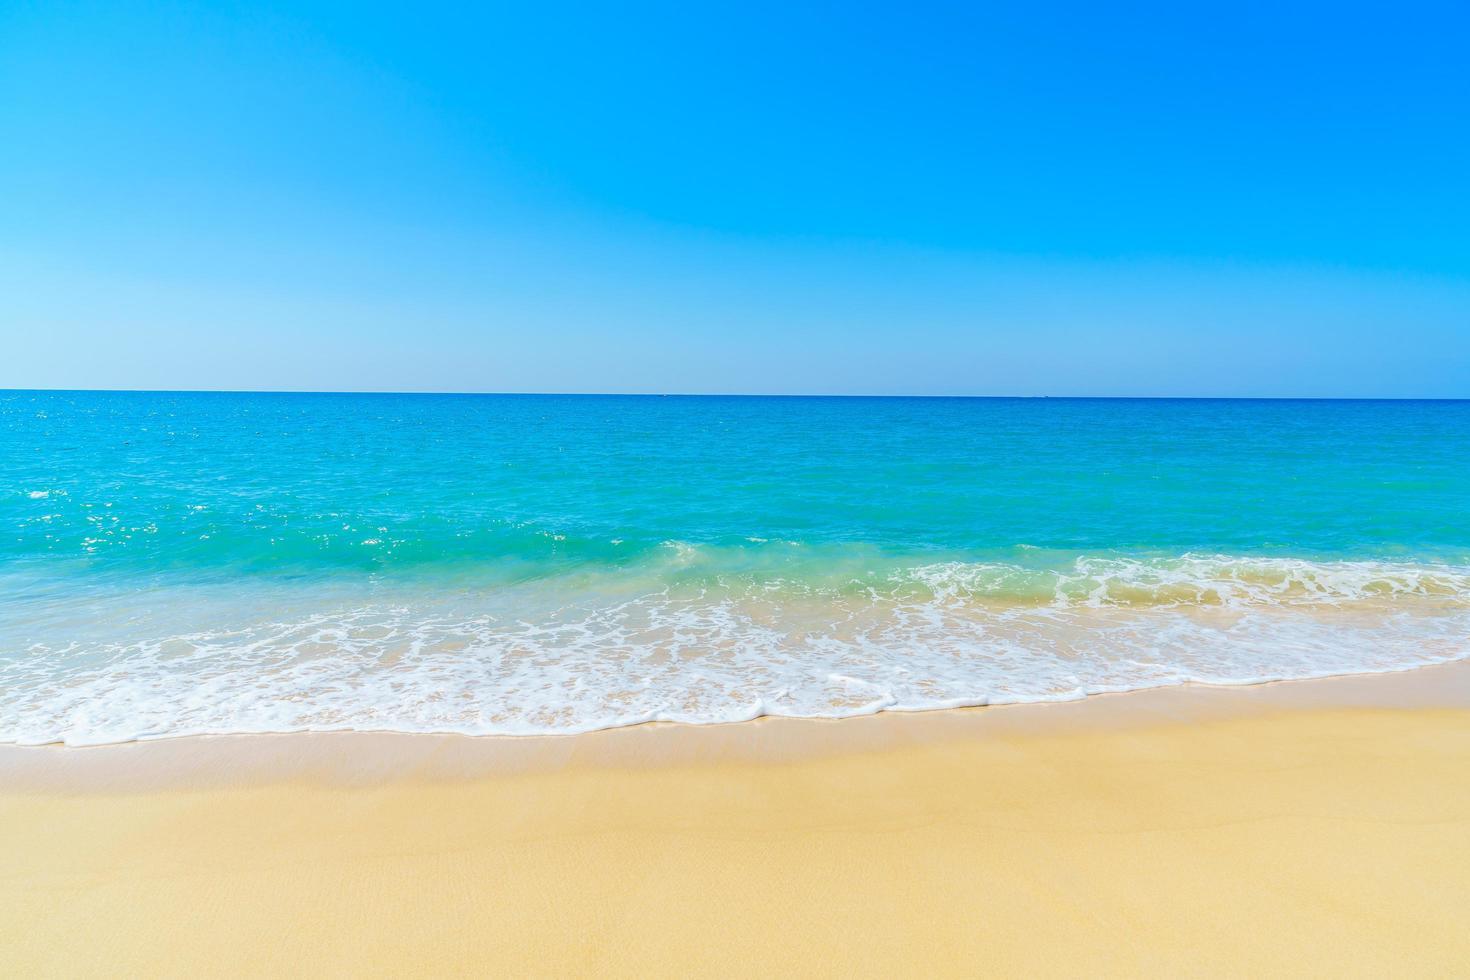 belle plage et mer photo